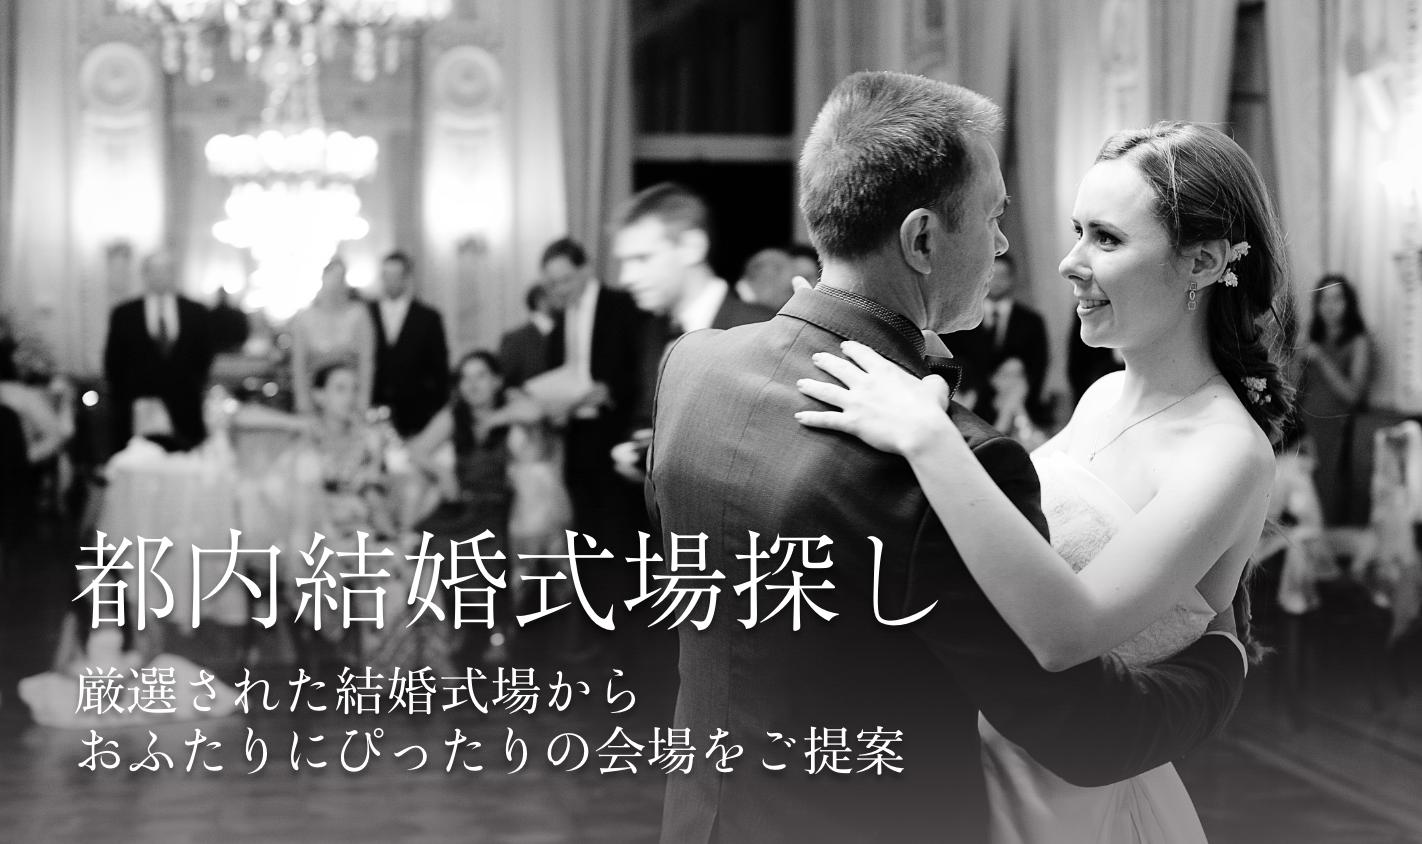 都内結婚式場探し 厳選された結婚式場からおふたりにぴったりの会場をご提案